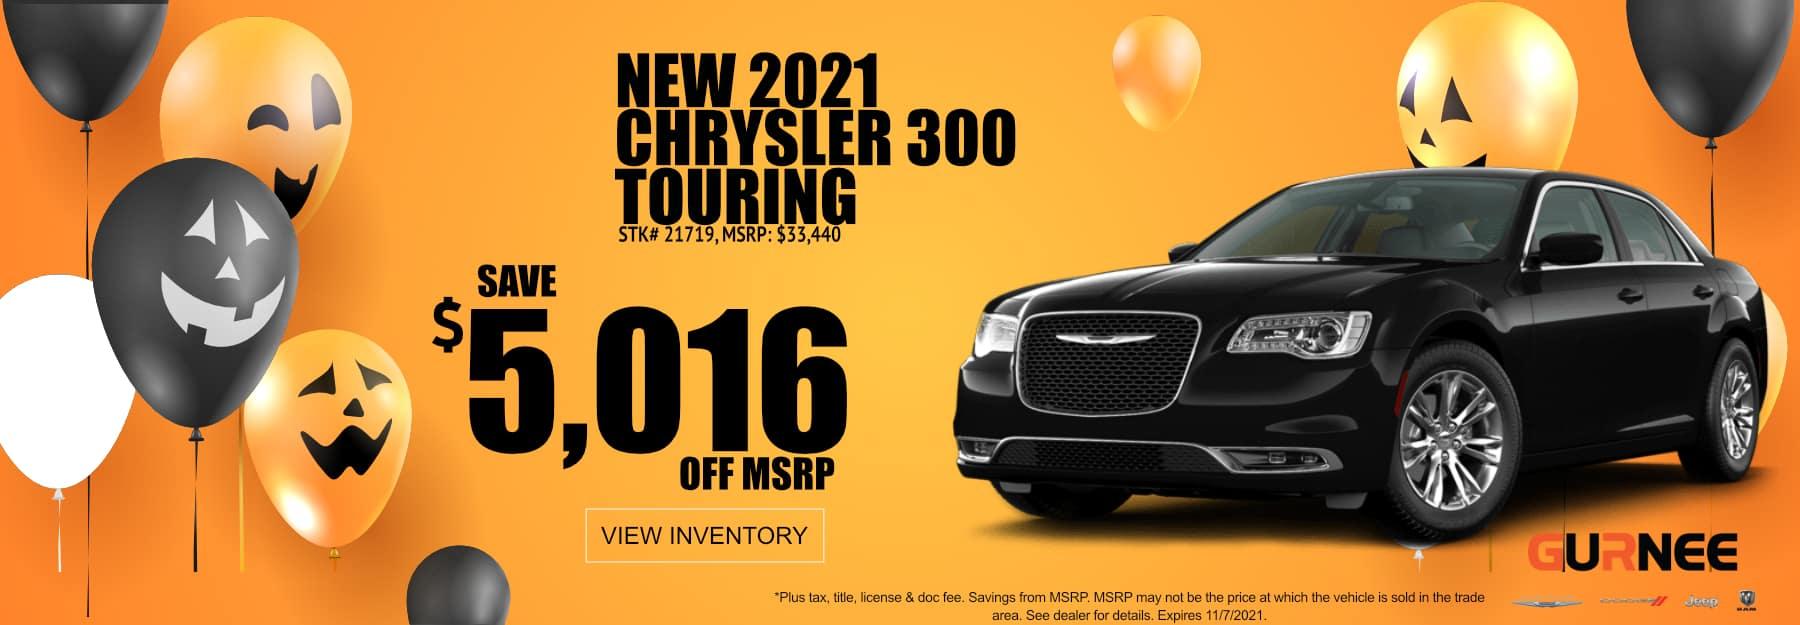 October_2021 Chrysler300_Gurnee